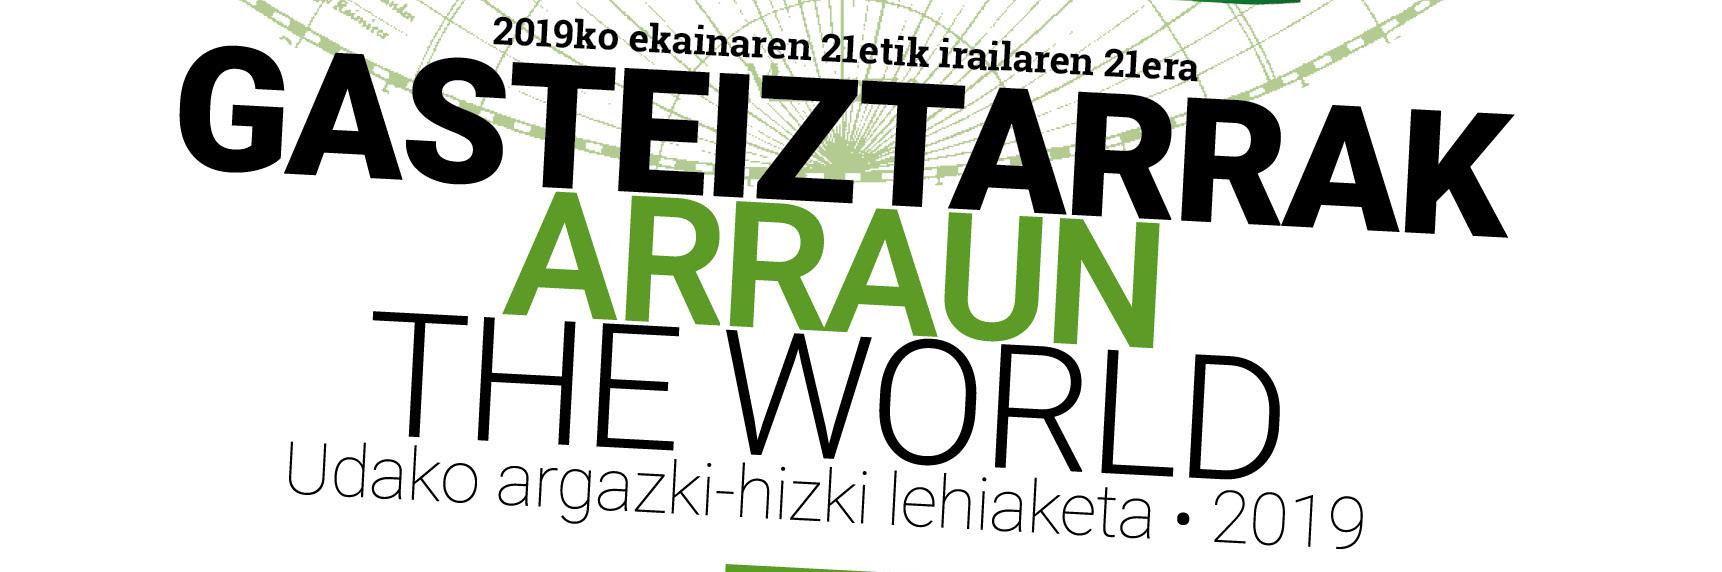 Gasteiztarrak Arraun The World argazki-hizki lehiaketa